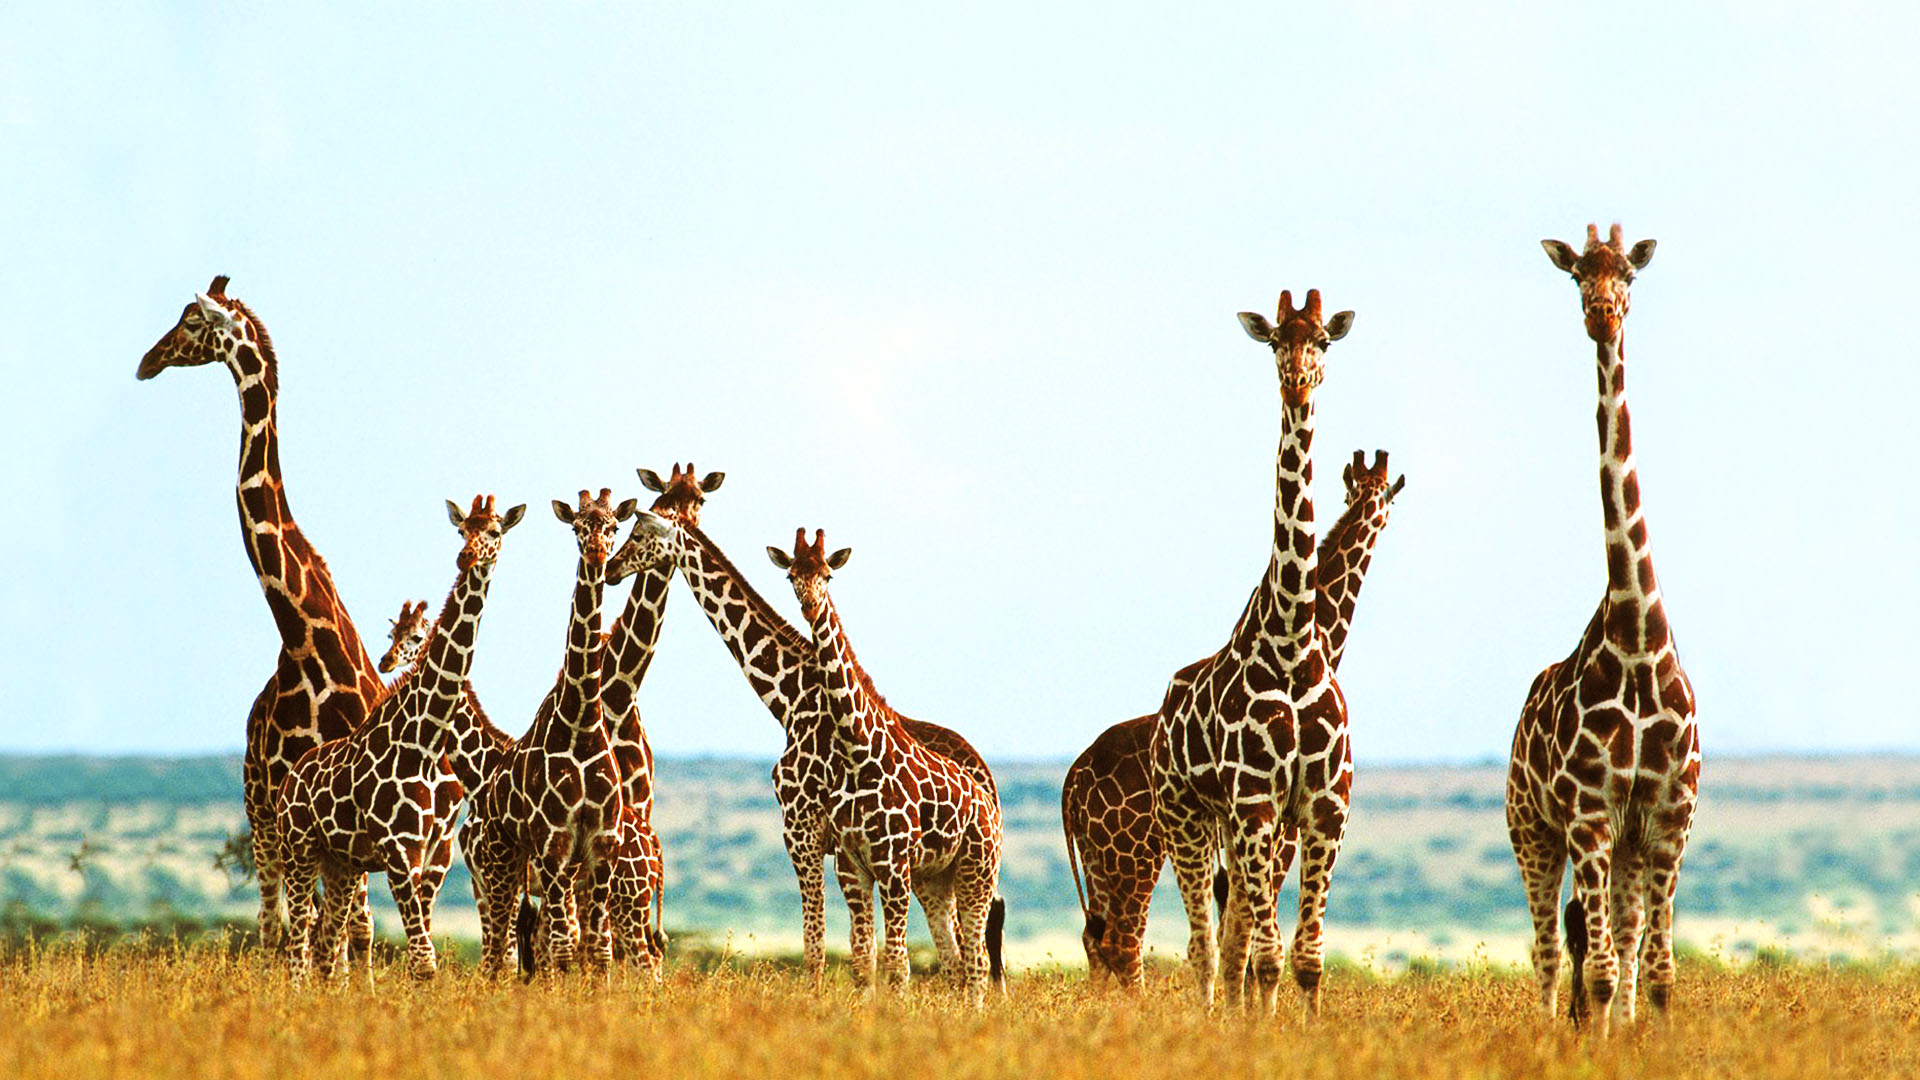 giraffe wallpaper 11450